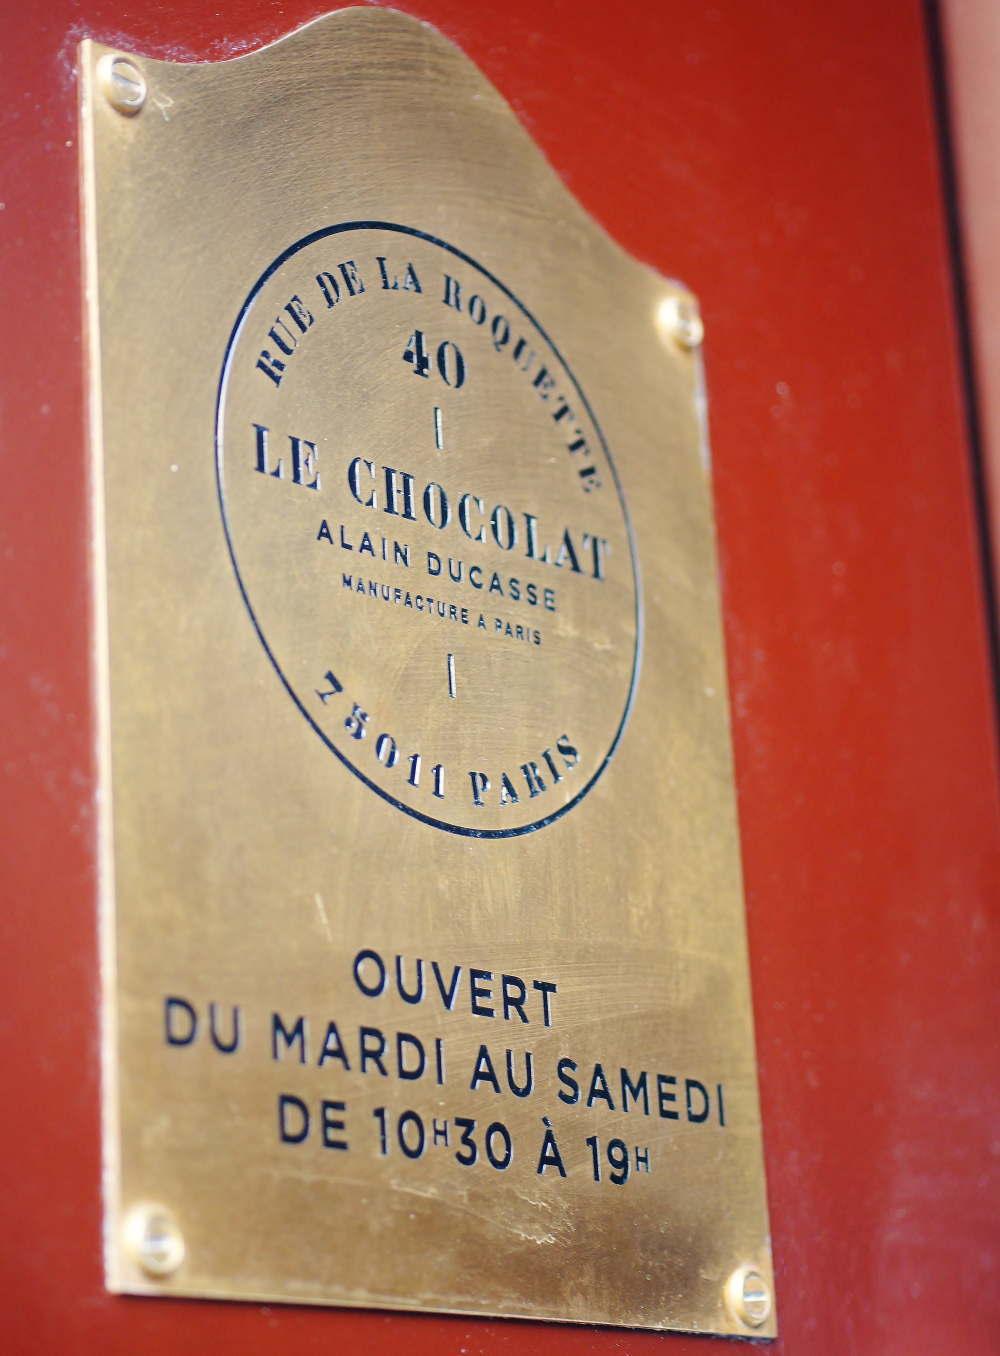 アランデュカス パリ本店のプレート